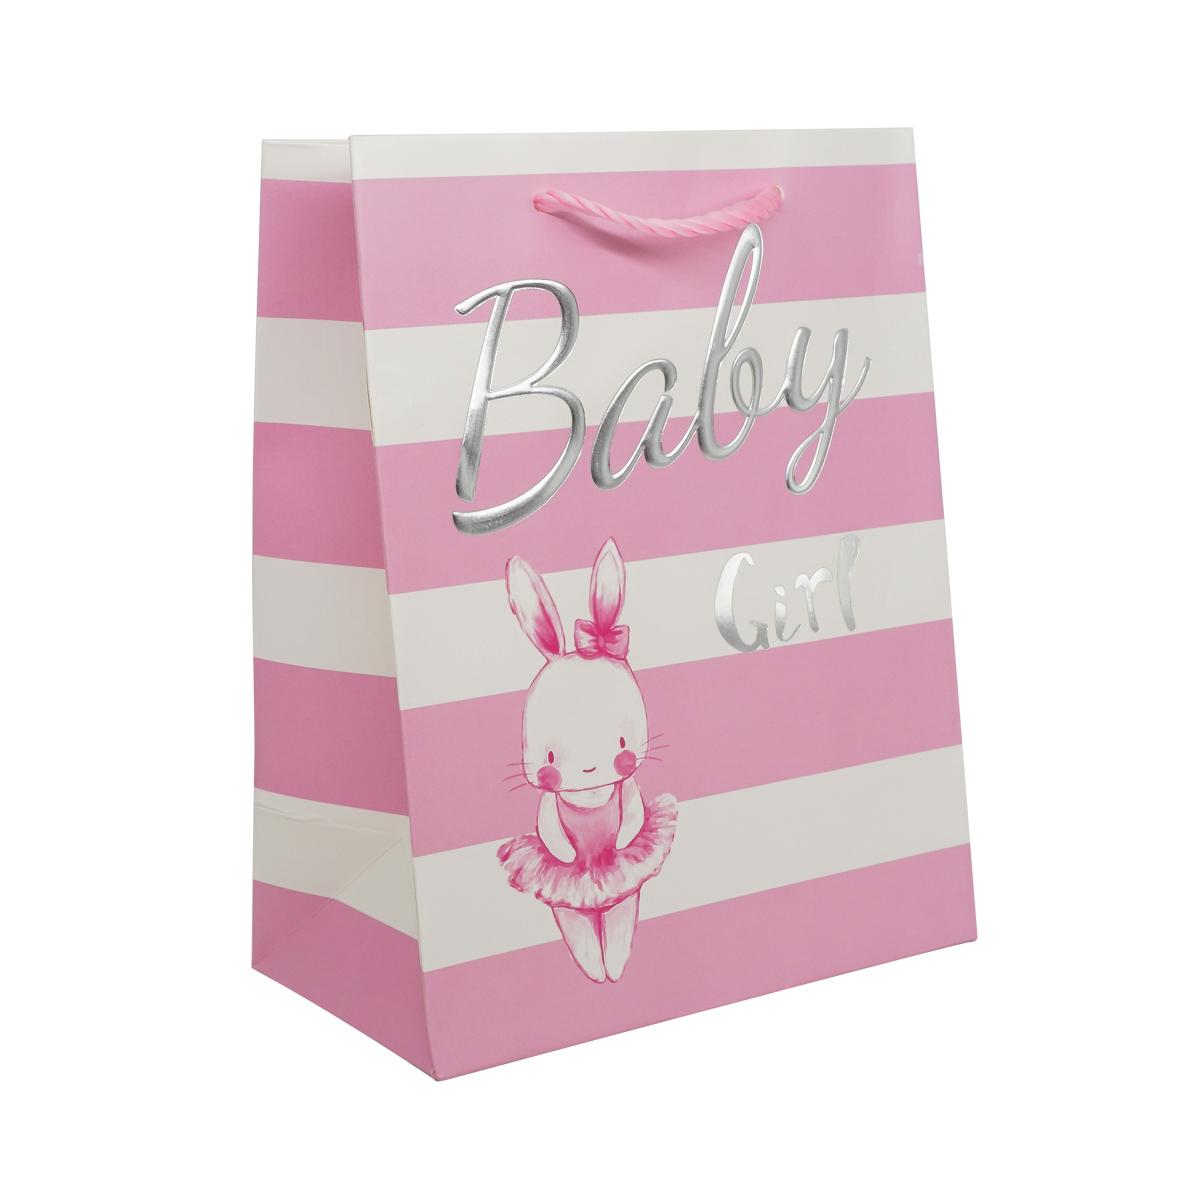 YR050-1 Пакет подарочный ламинированный 'Baby', 23*18*10см